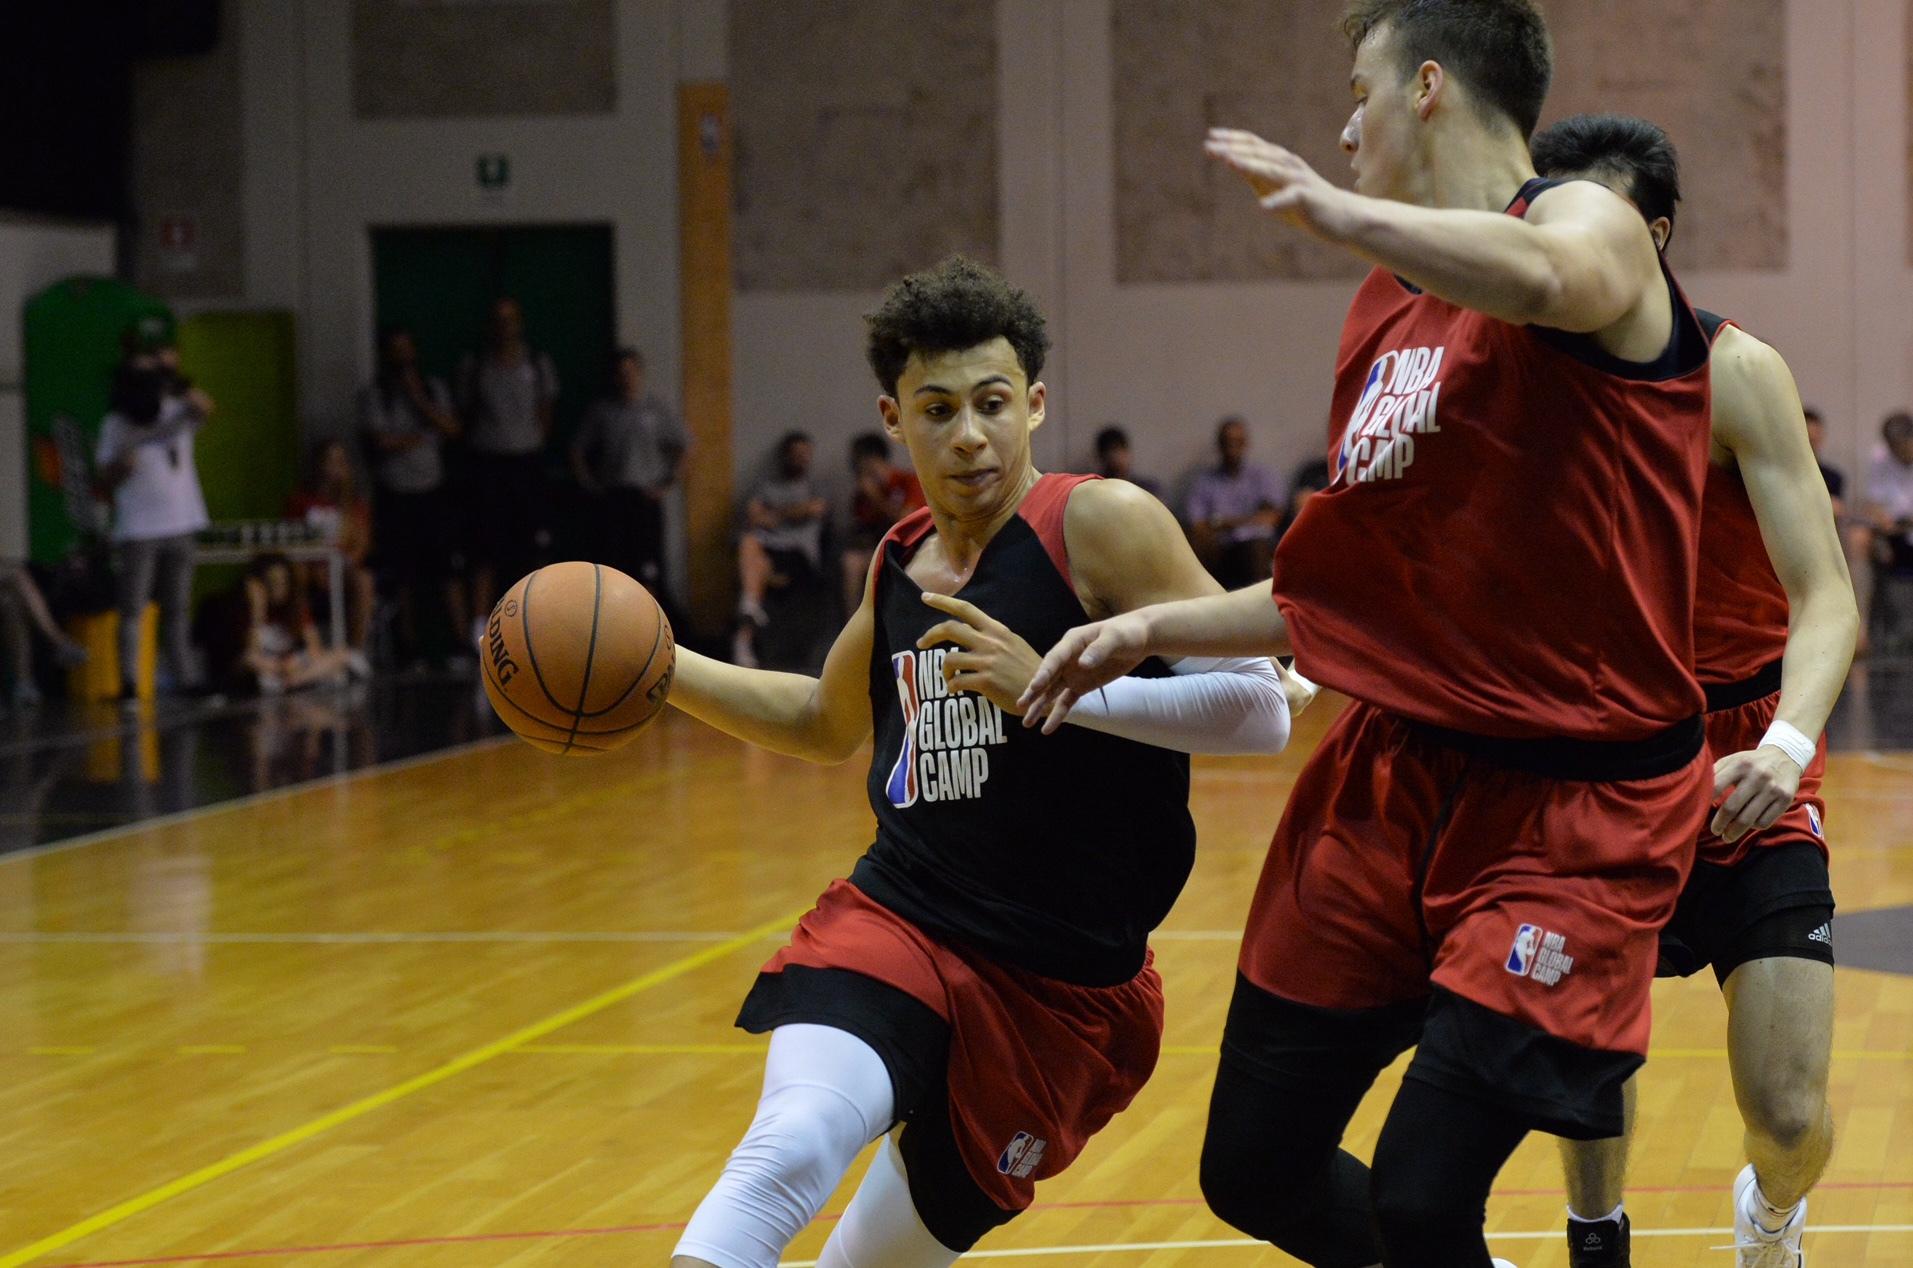 Українець Санон тренується з командою НБА